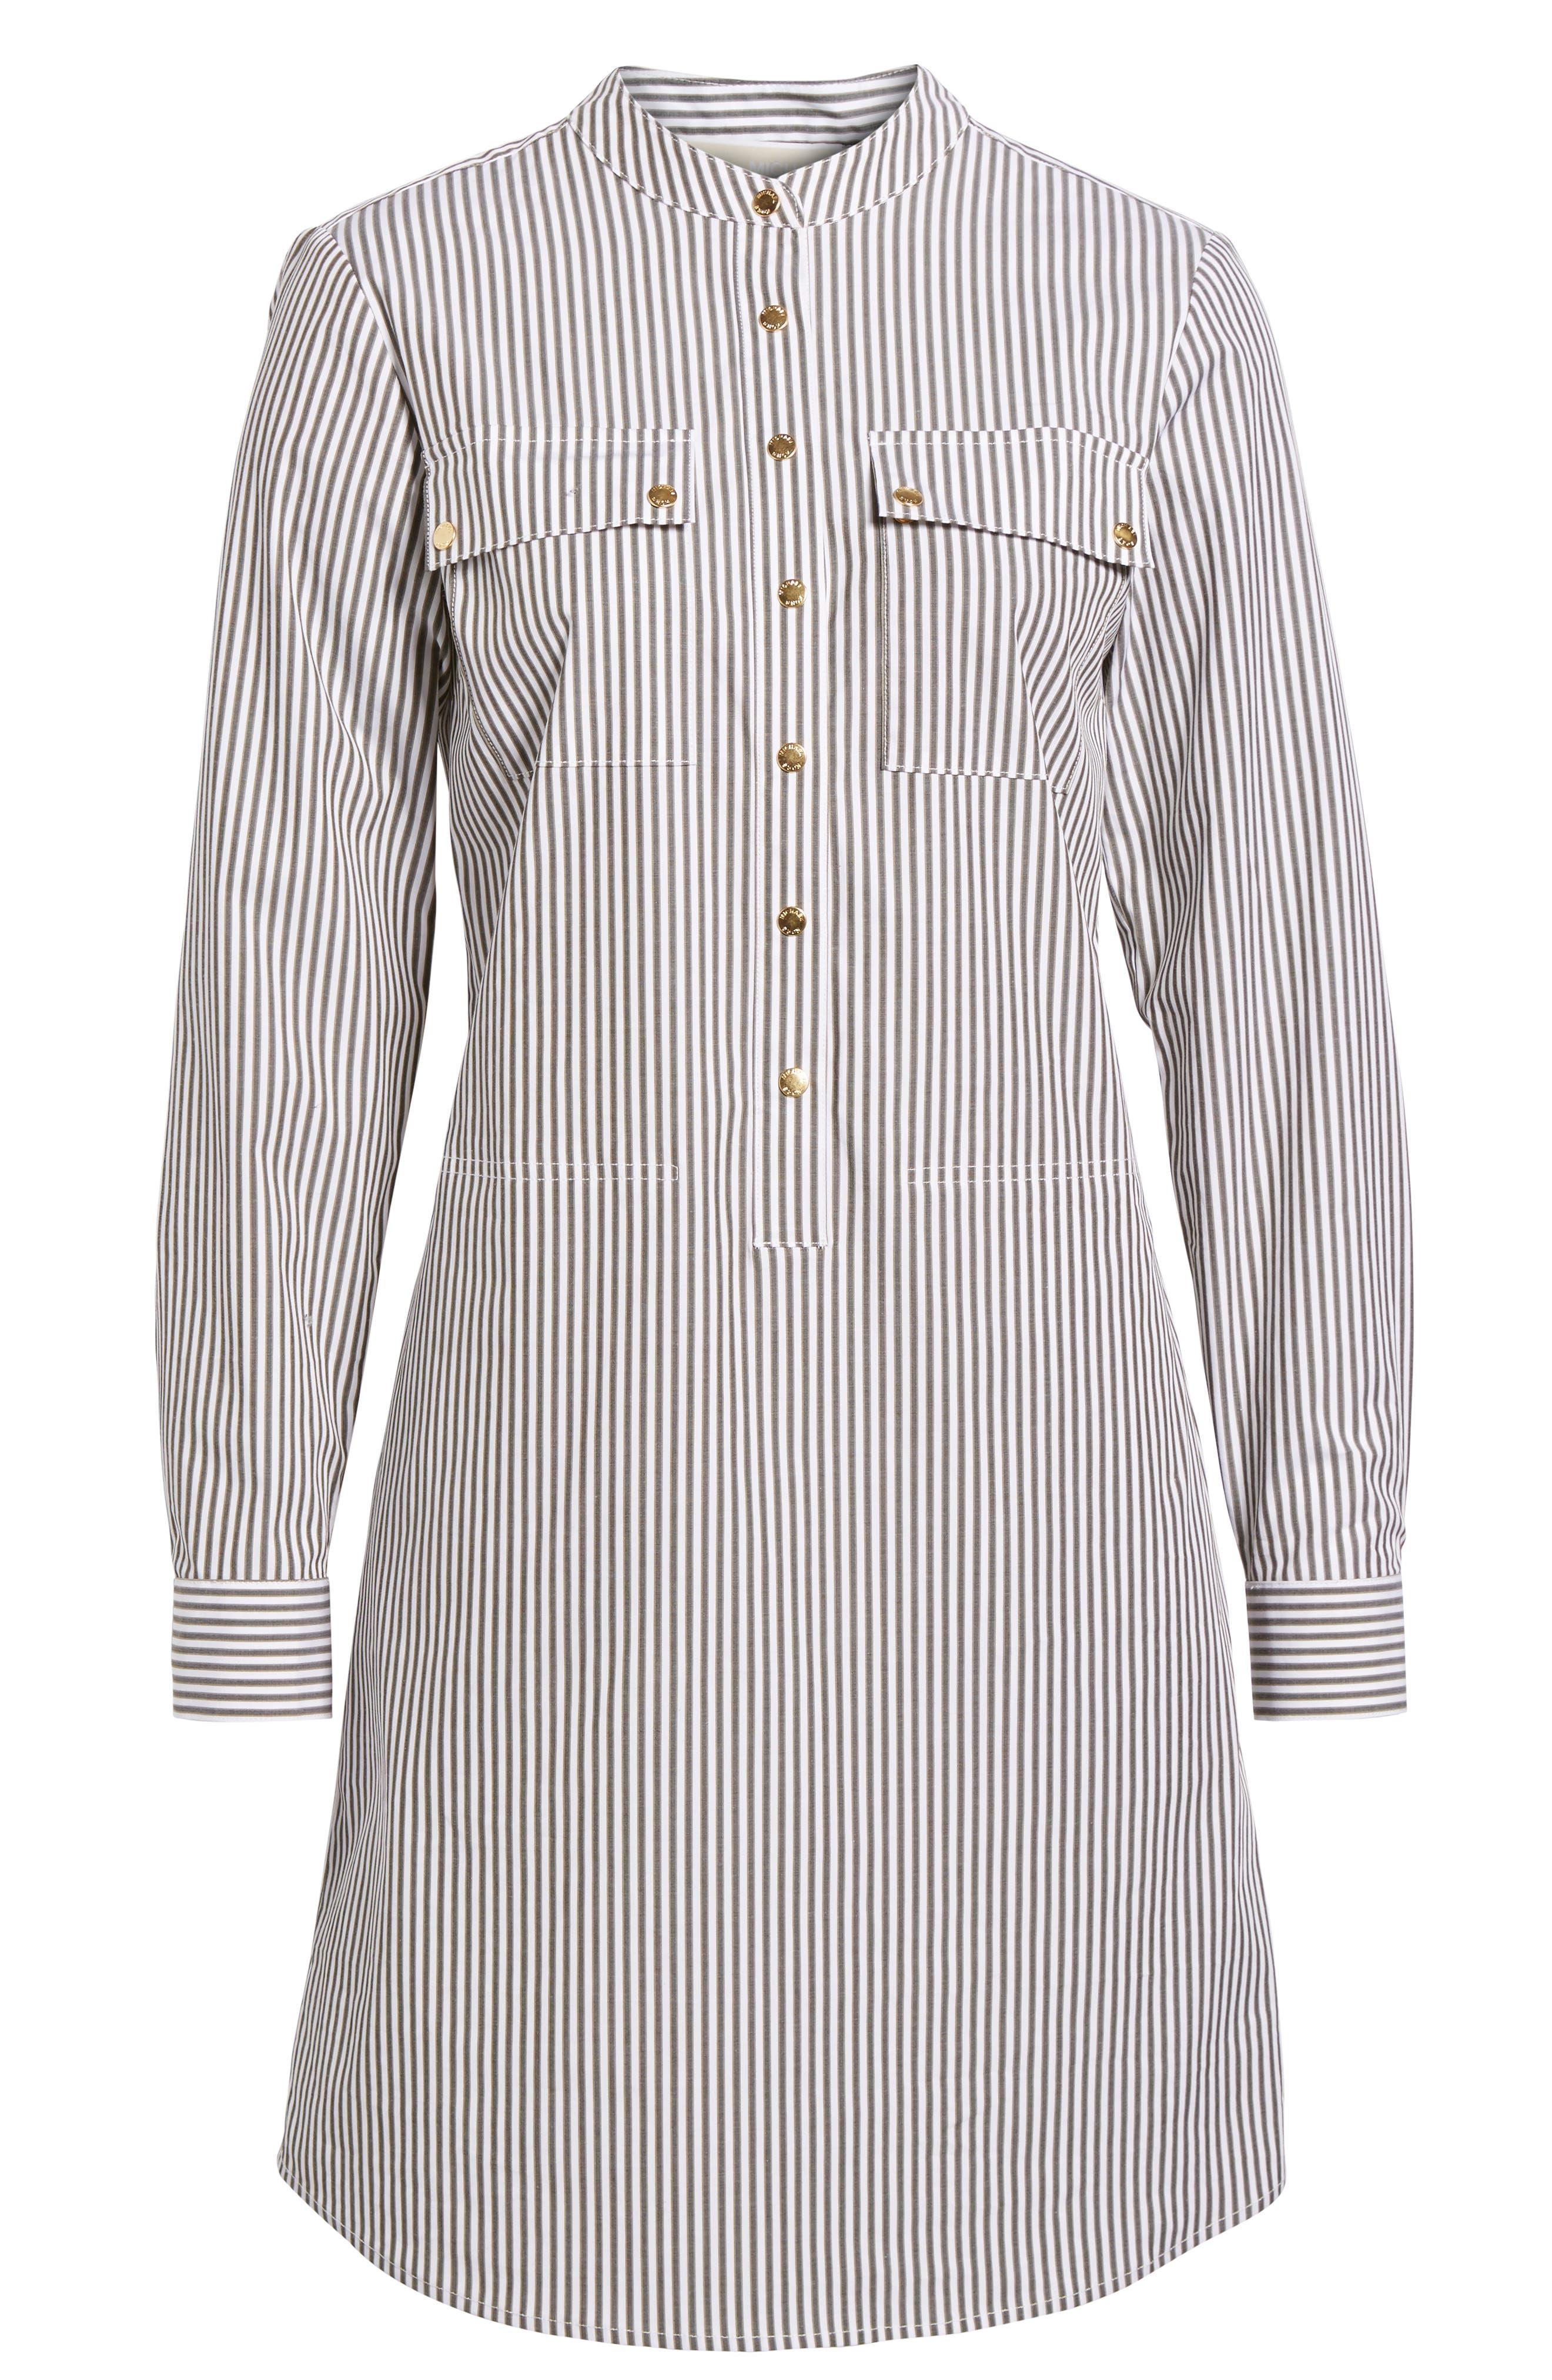 Stripe Button Down Shirtdress,                             Alternate thumbnail 6, color,                             345